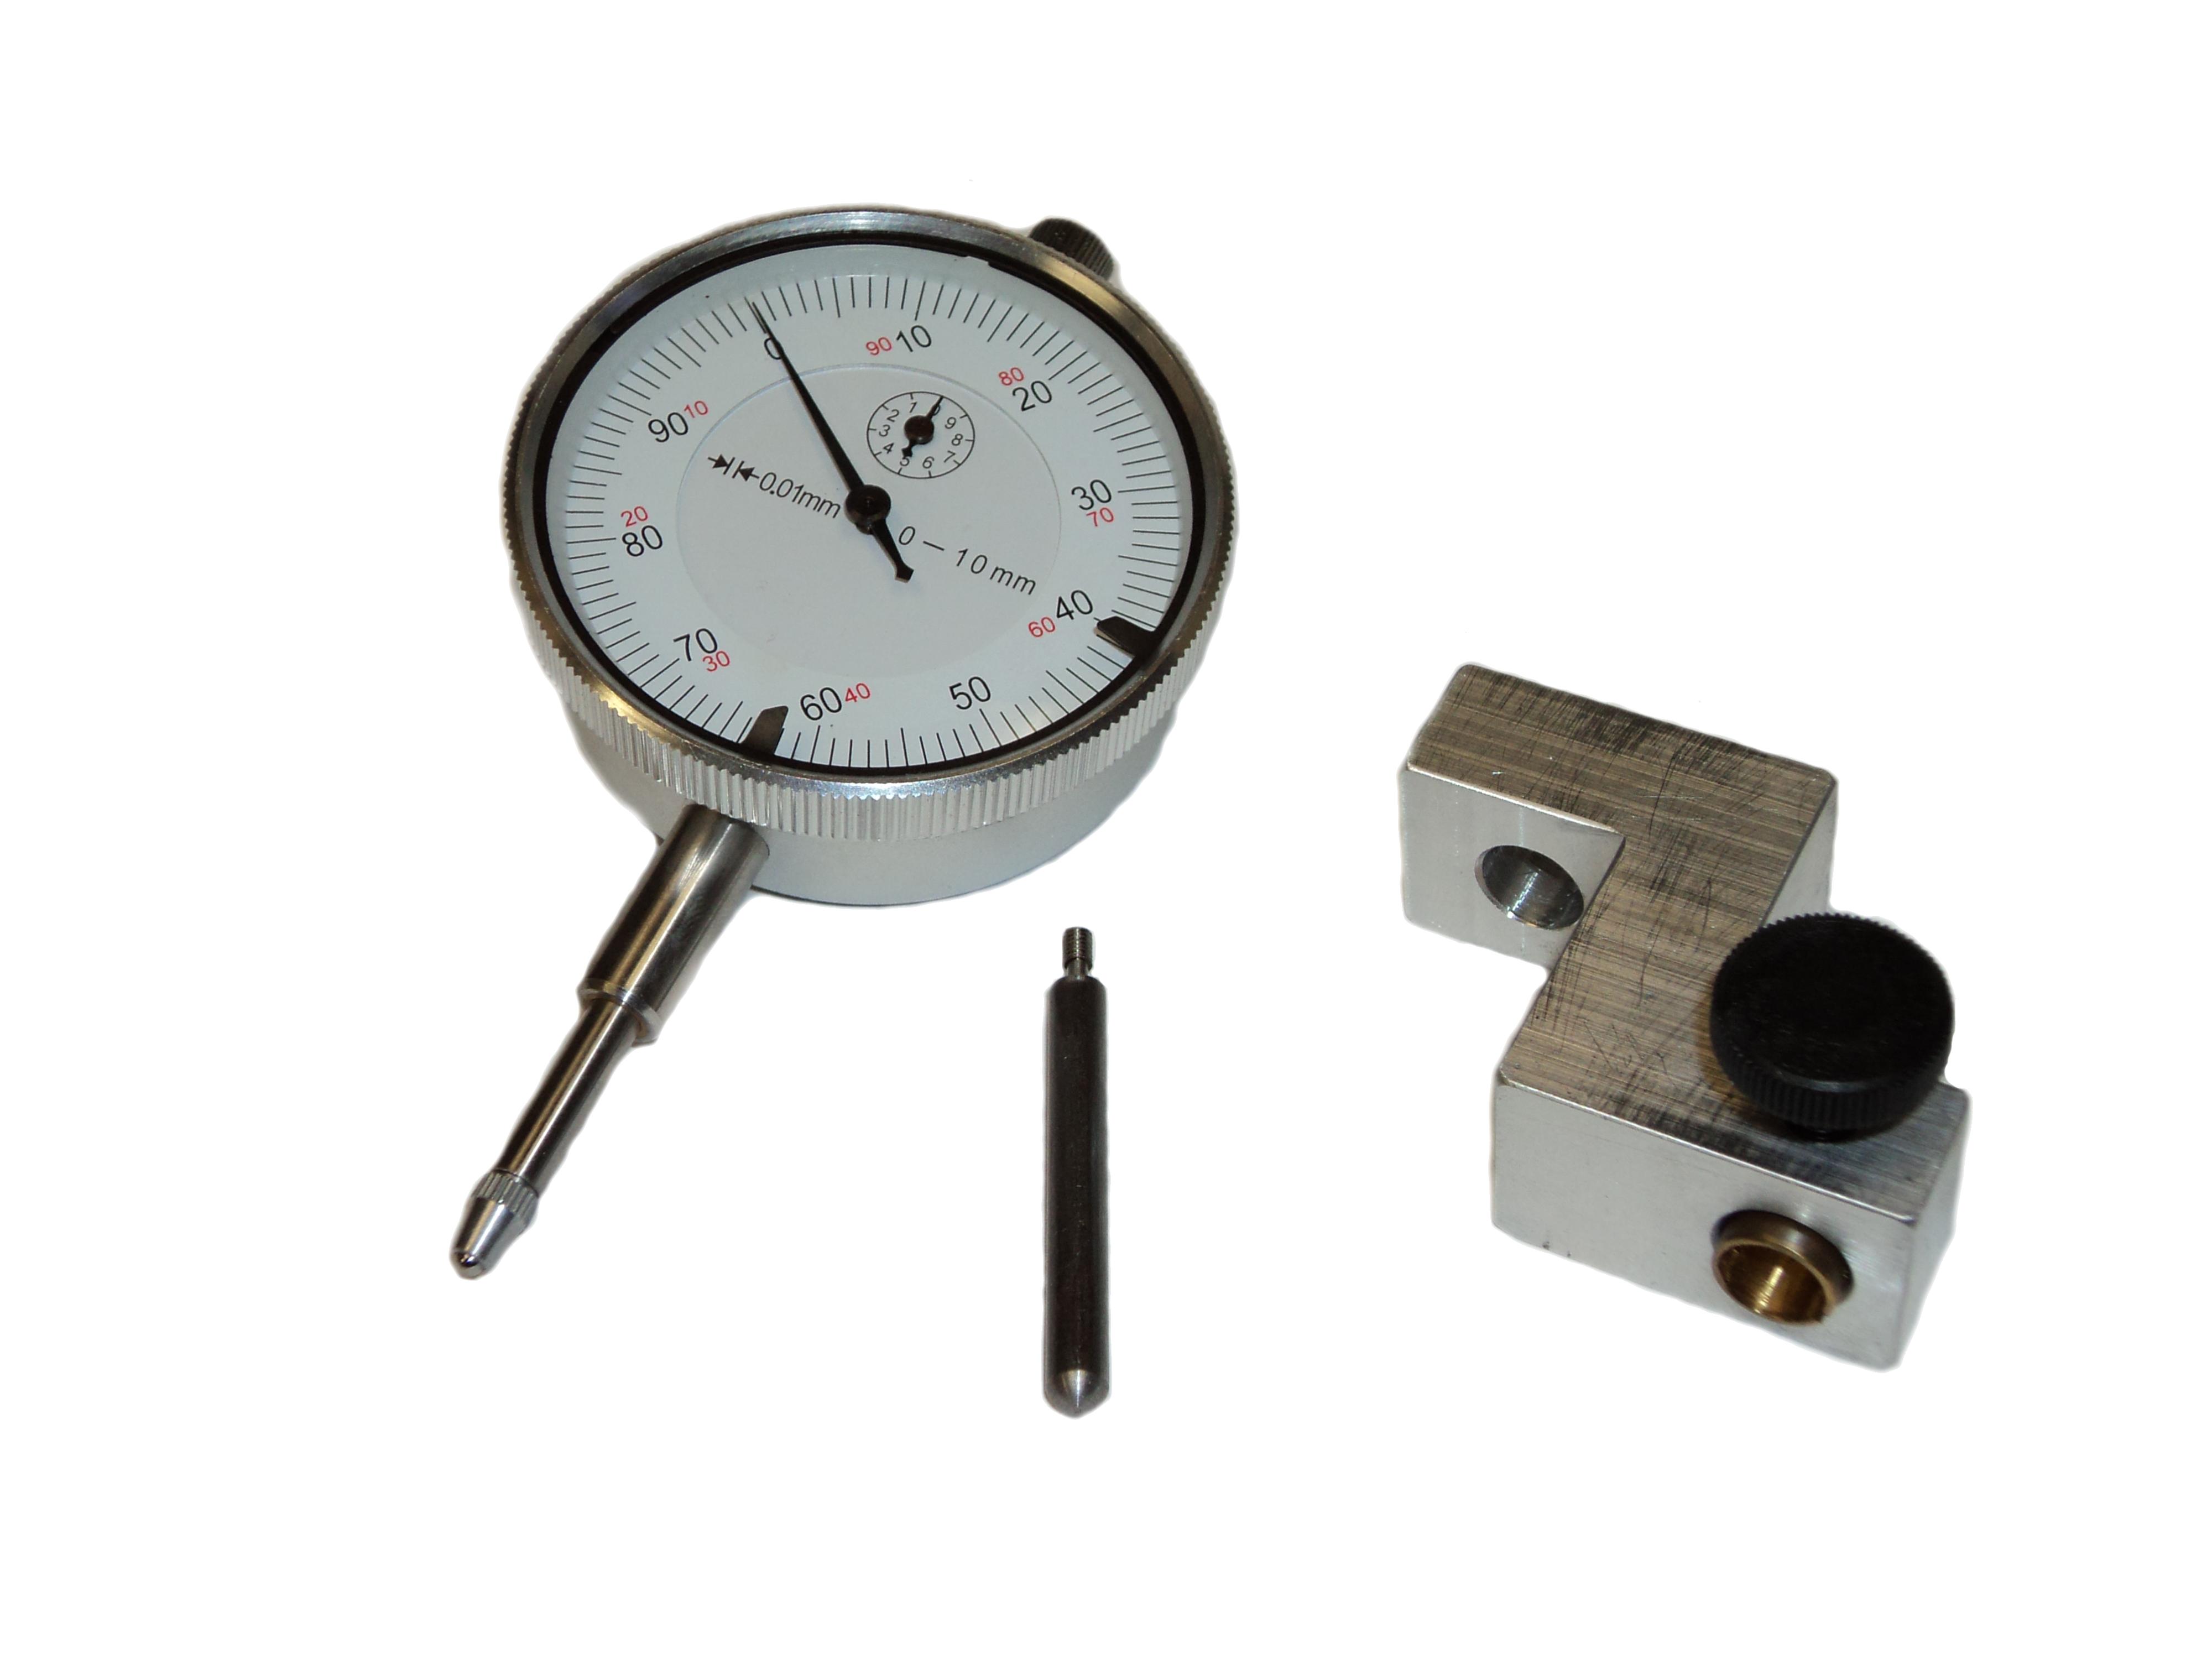 P207KIT Dial Indicator Kit